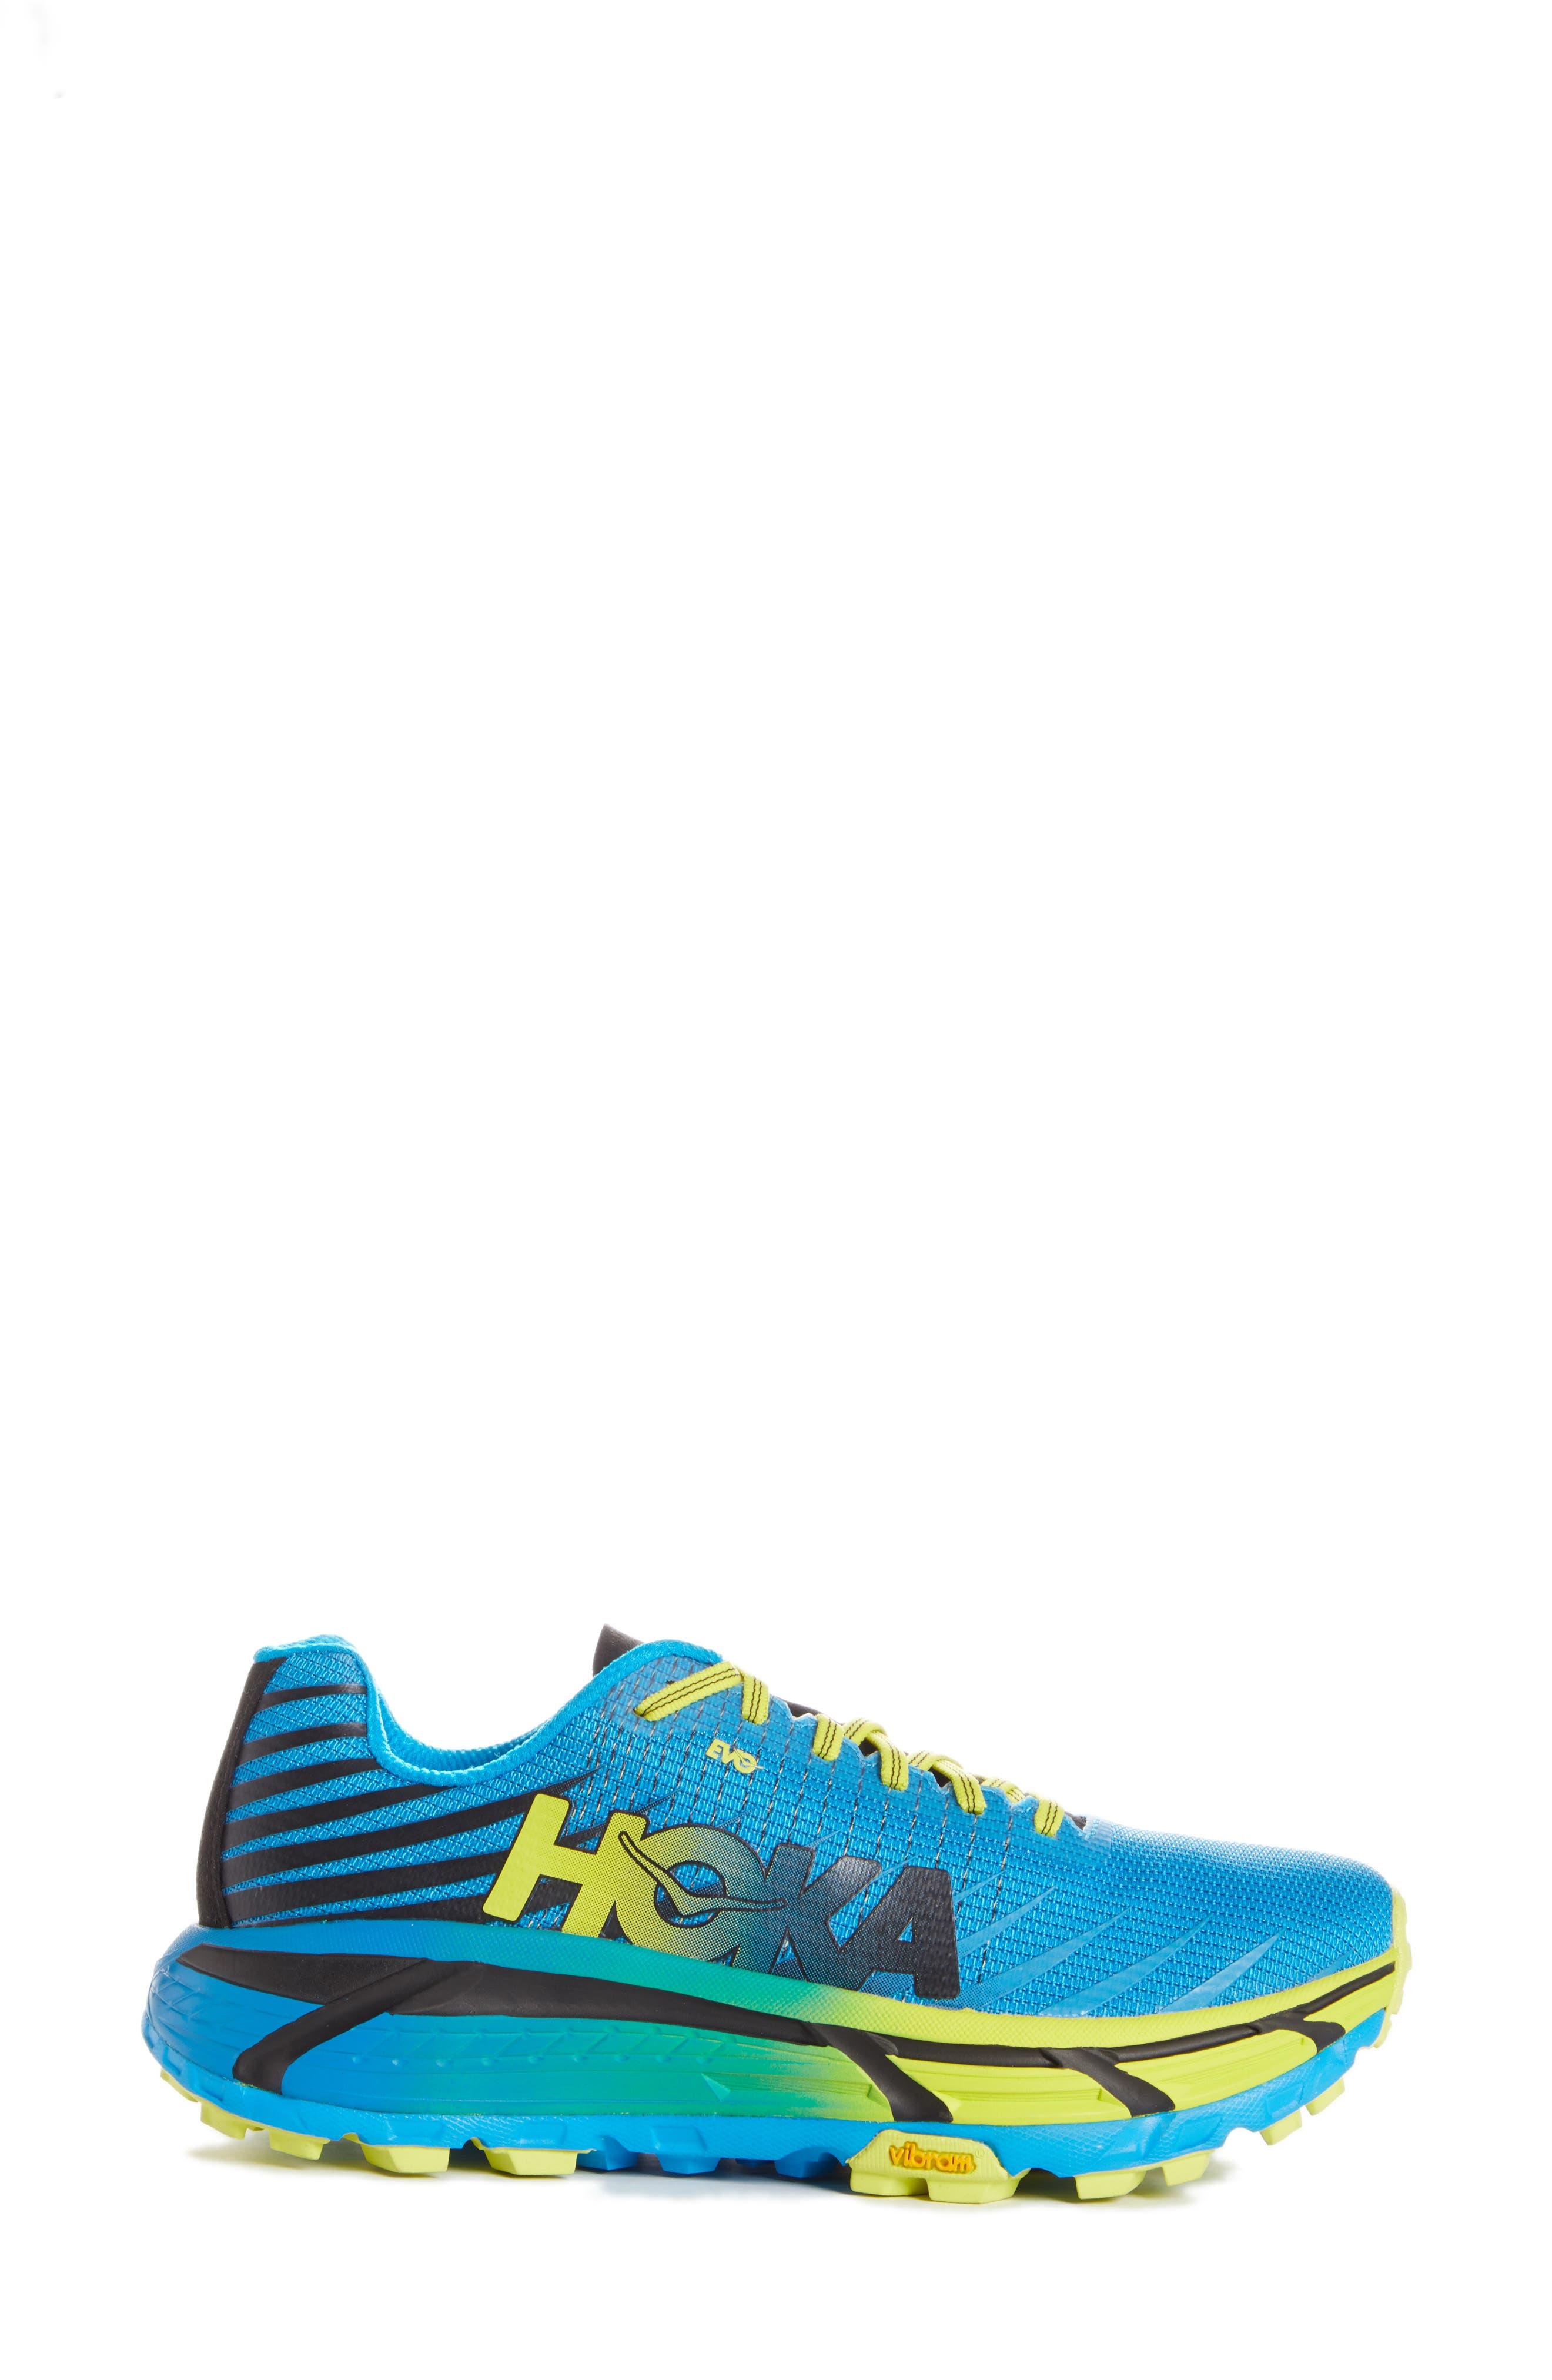 Hoka One One Evo Mafate Trail Running Shoe - Blue